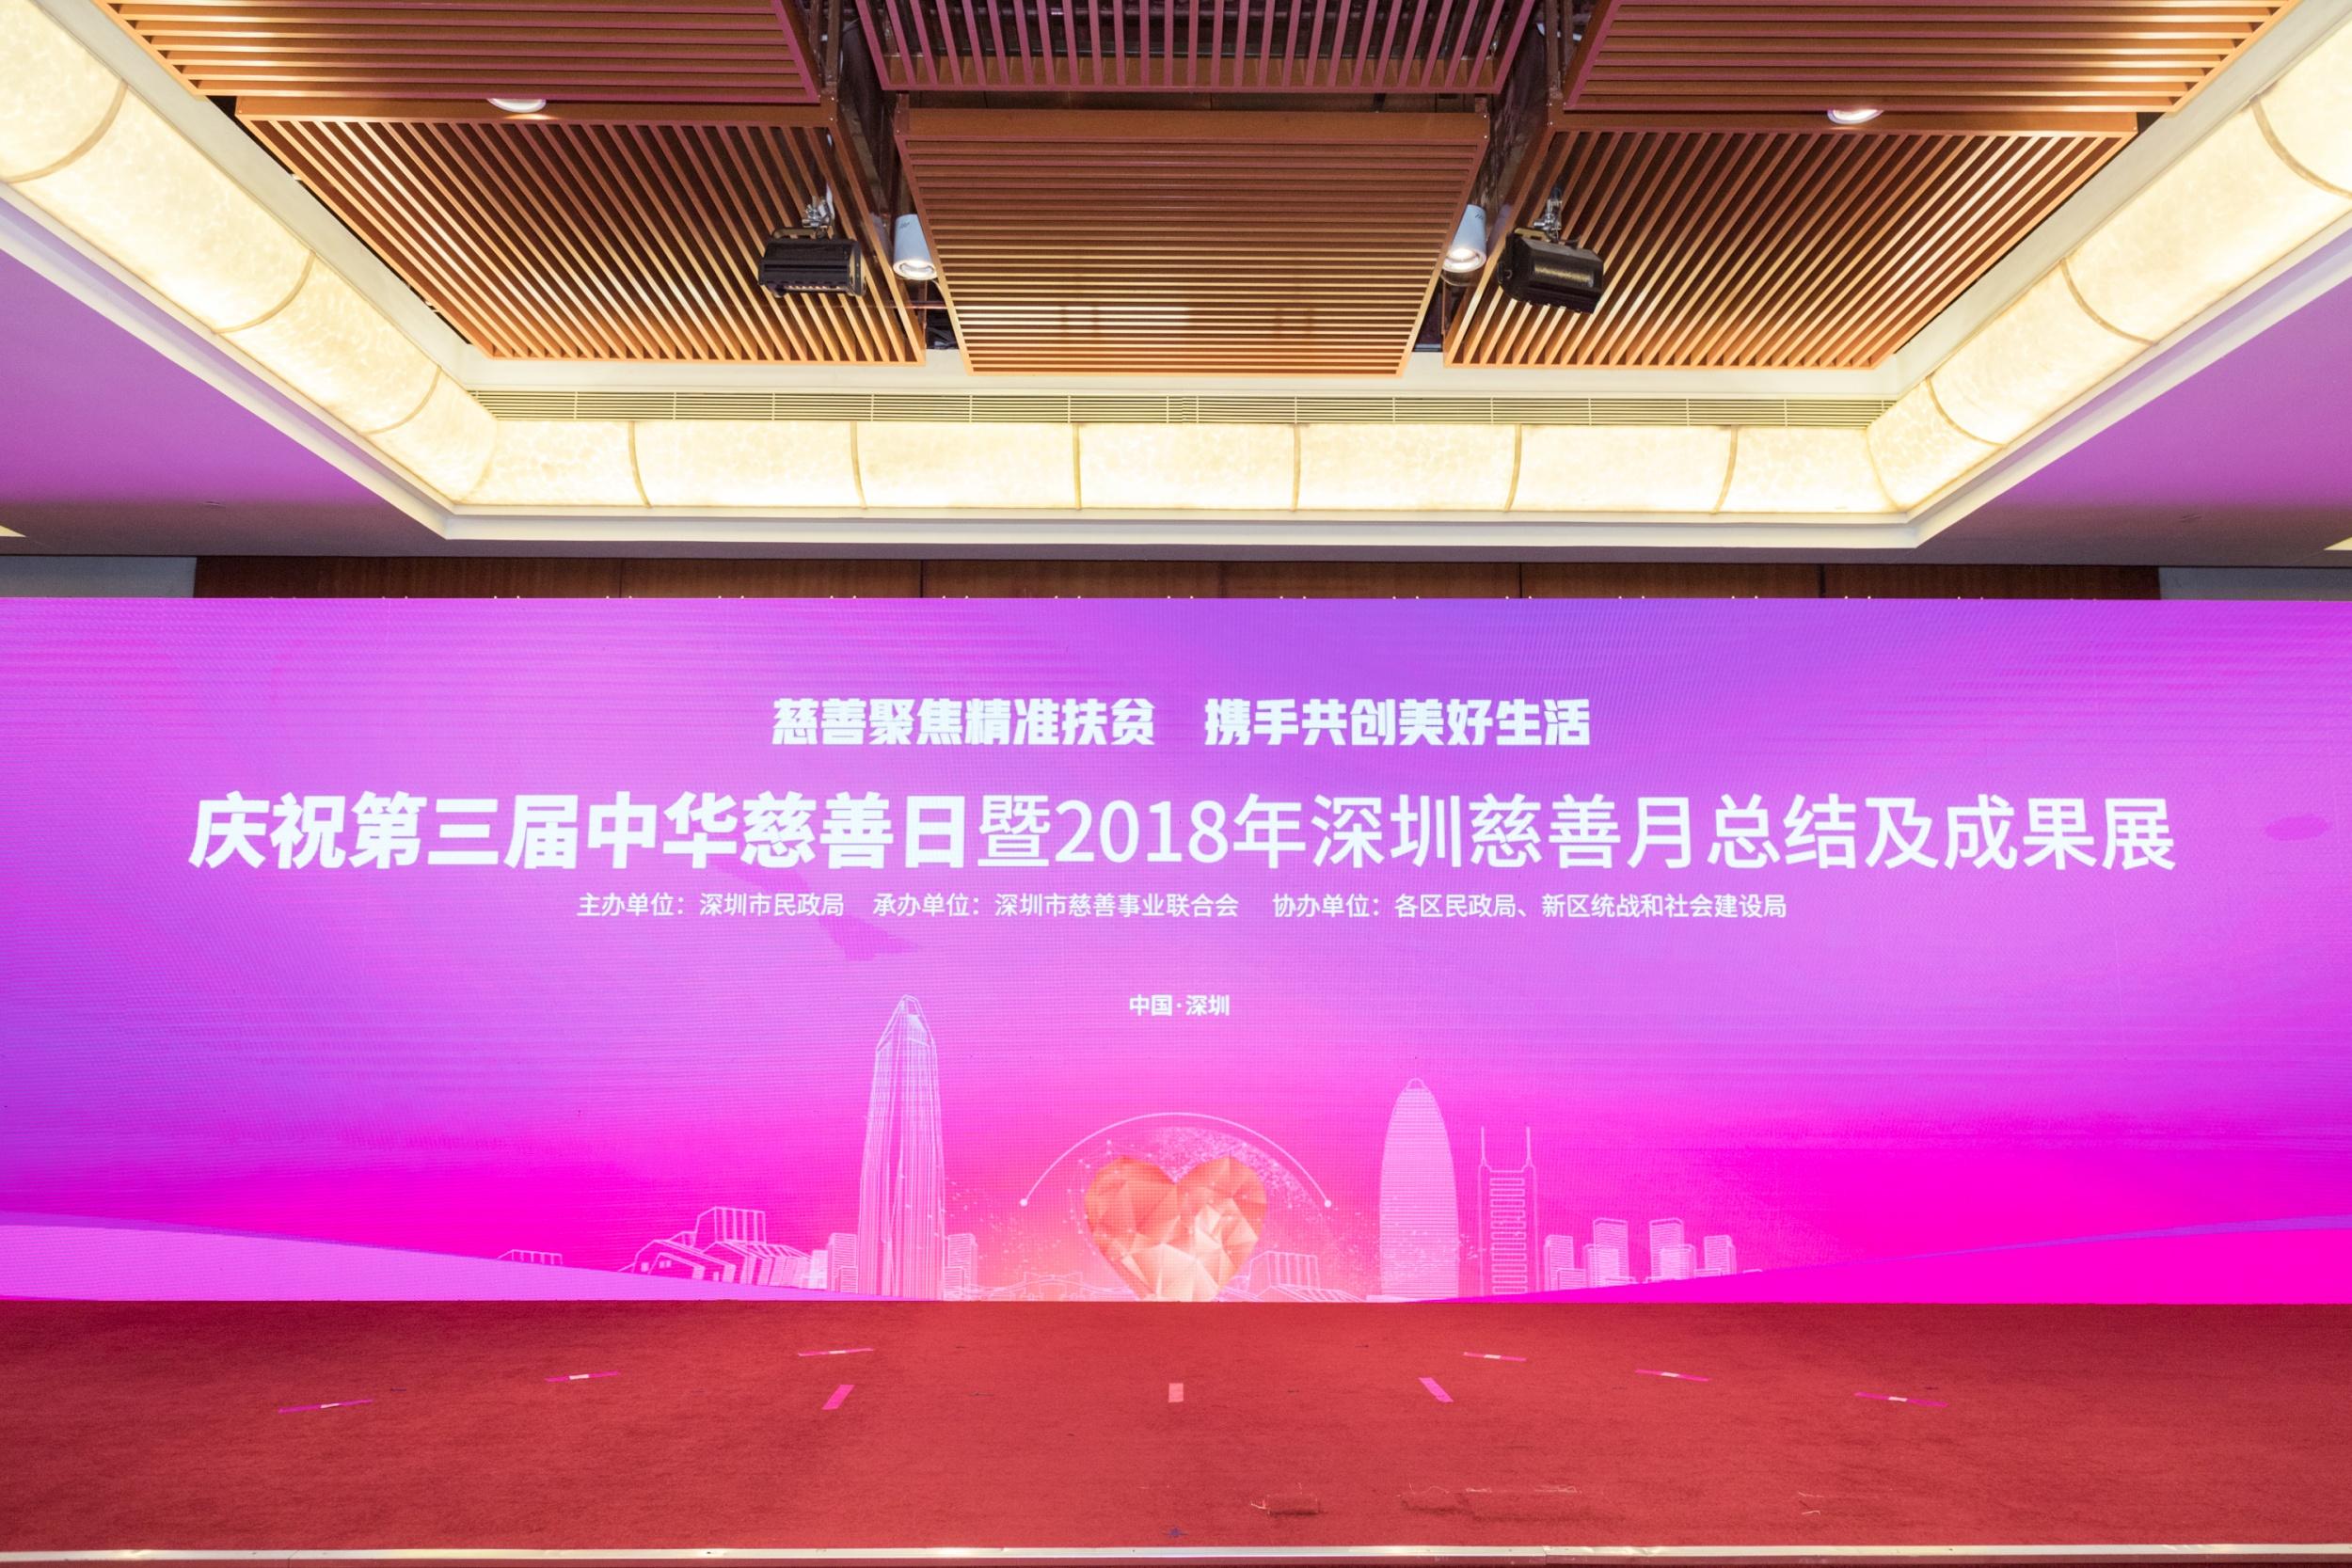 深圳慈善聯合會